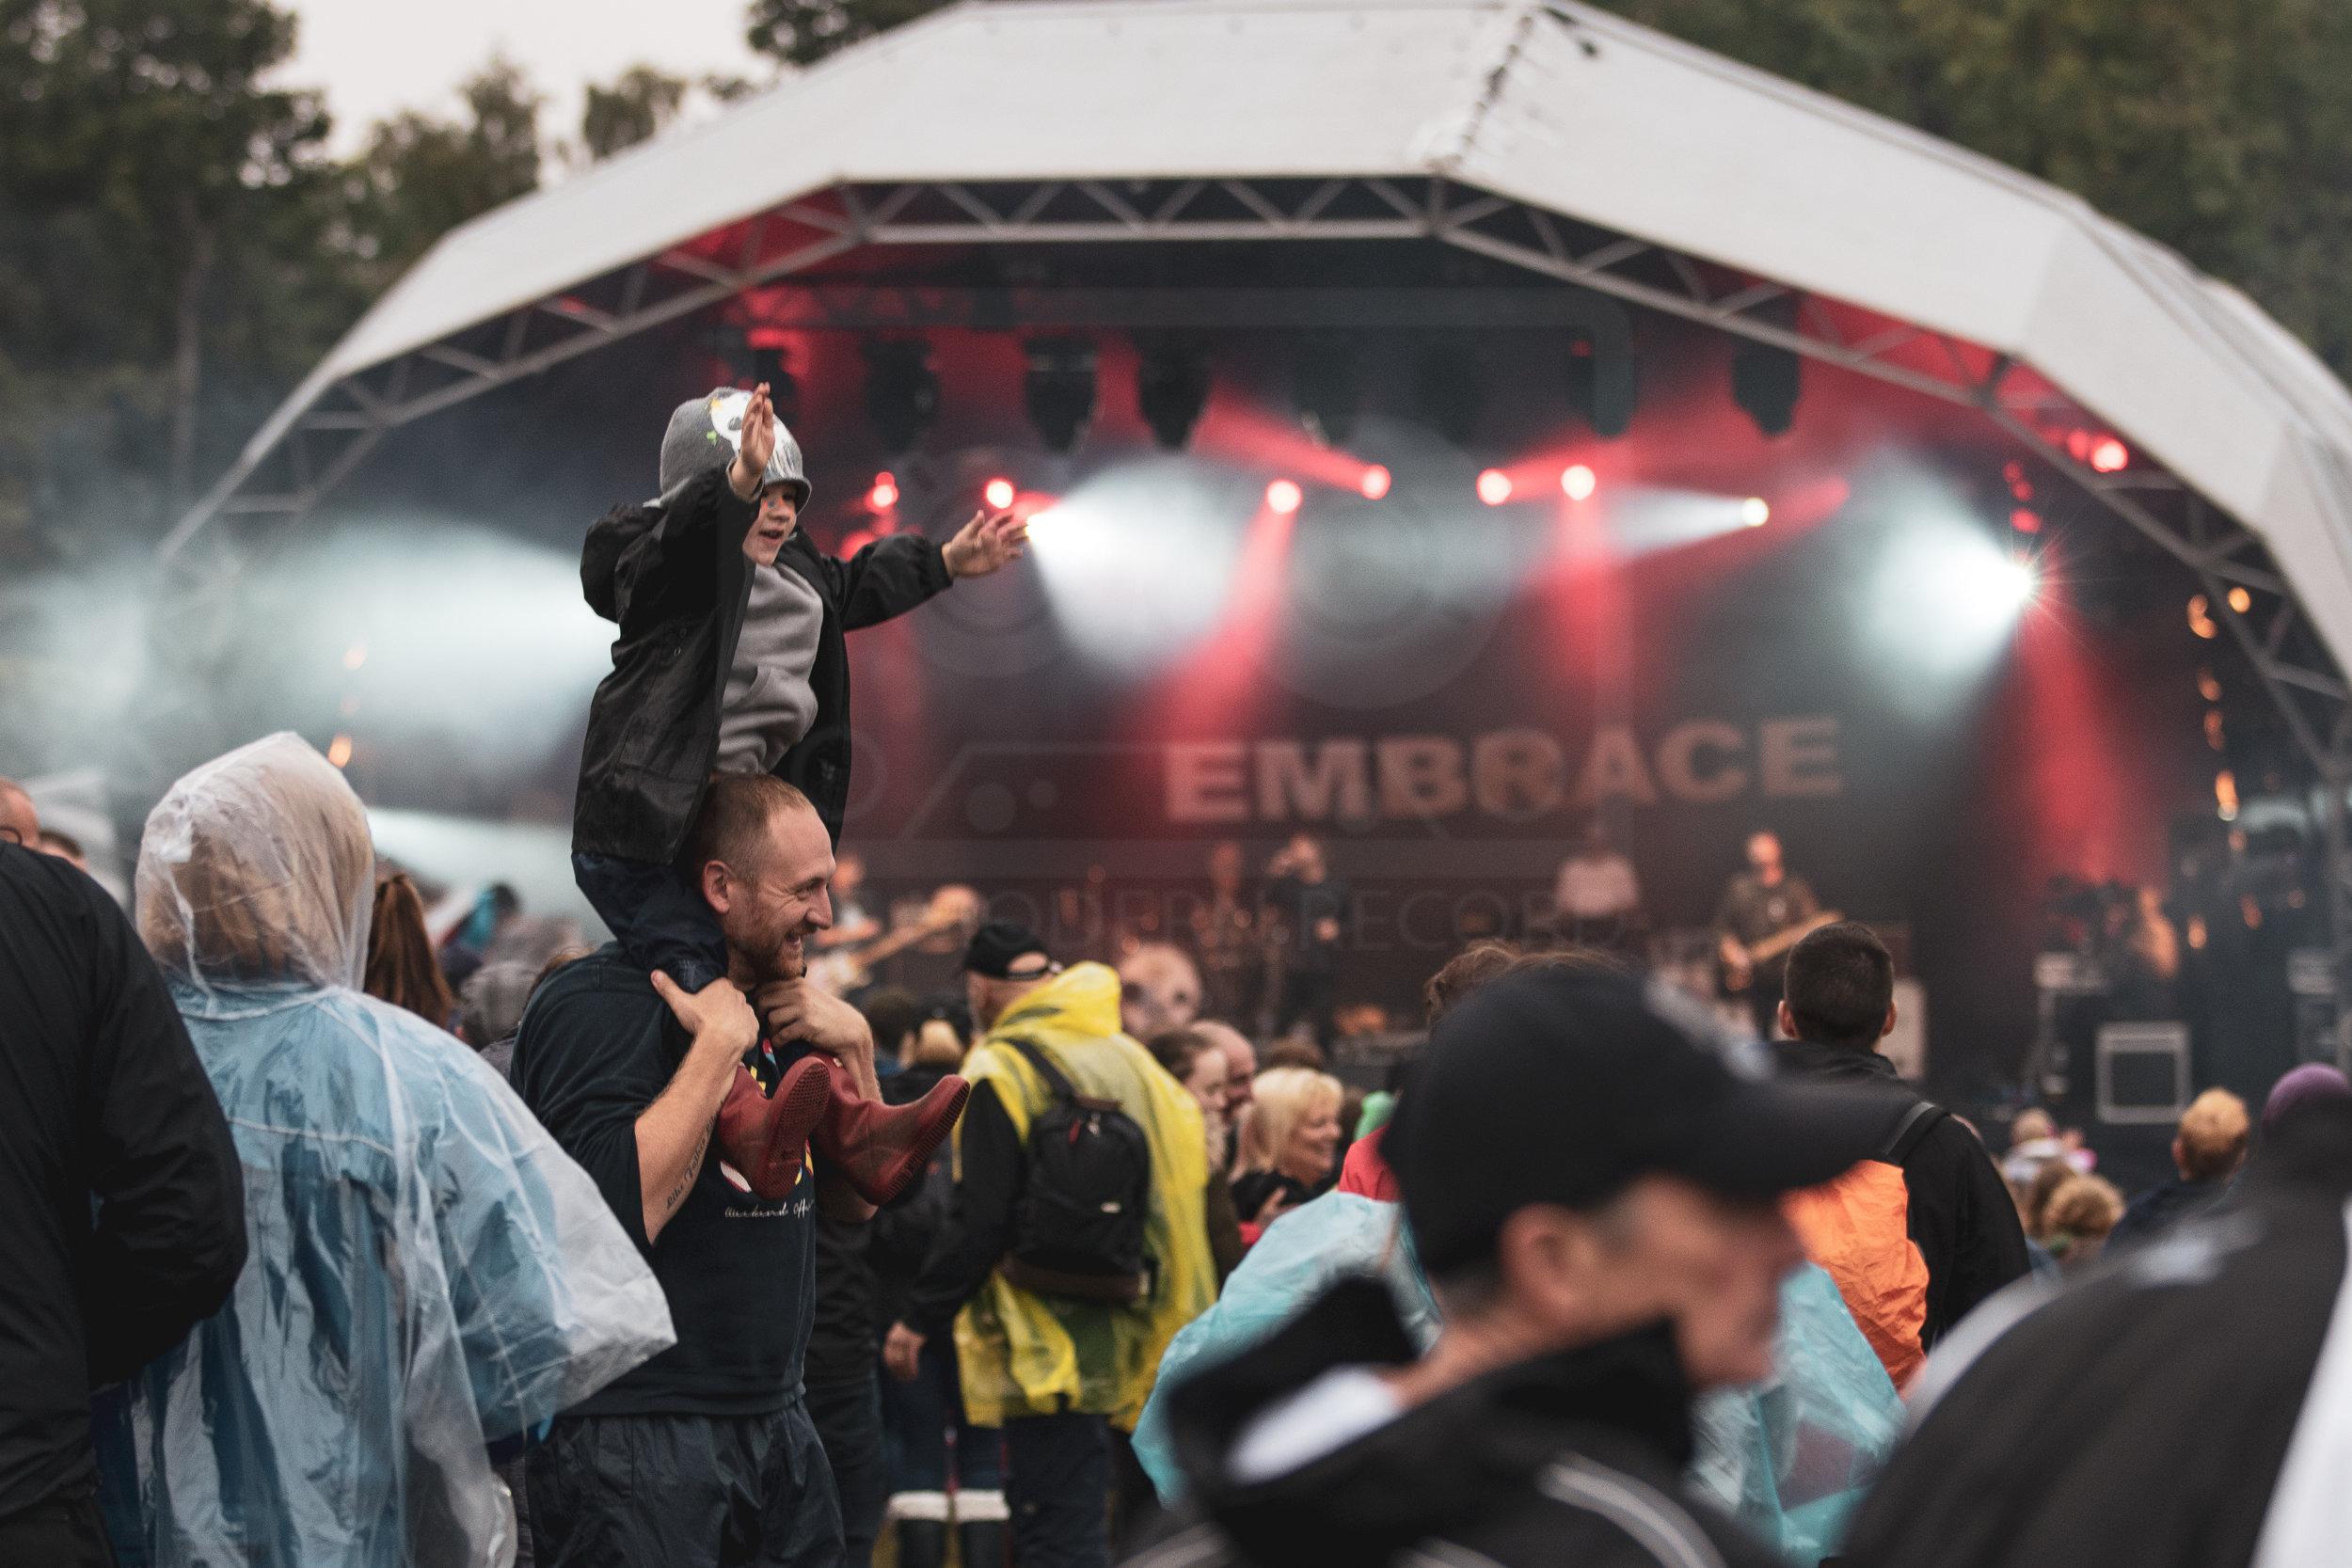 embrace-11.jpg